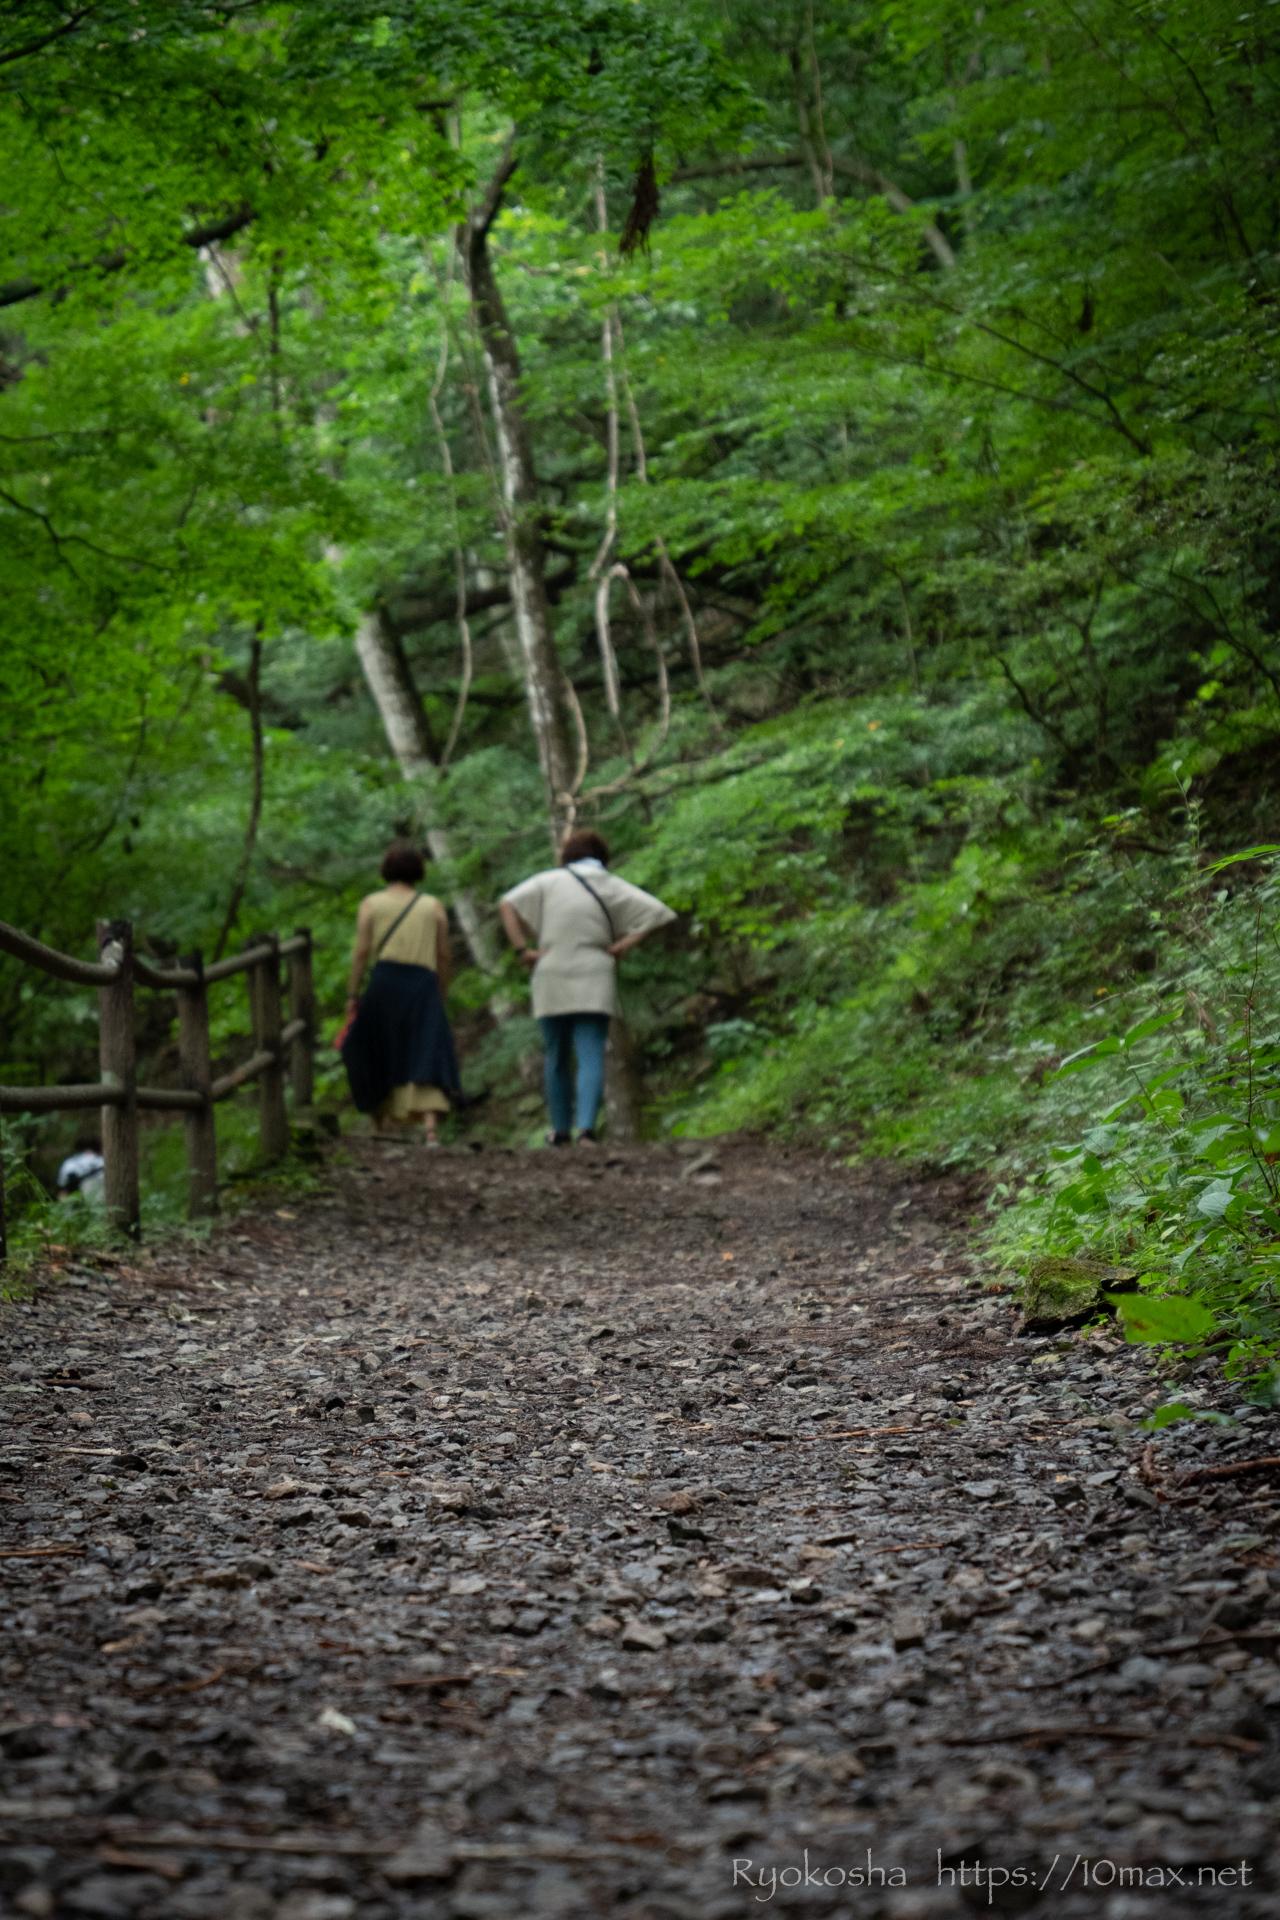 群馬県 沼田市 吹割の滝 東洋のナイアガラ 遊歩道